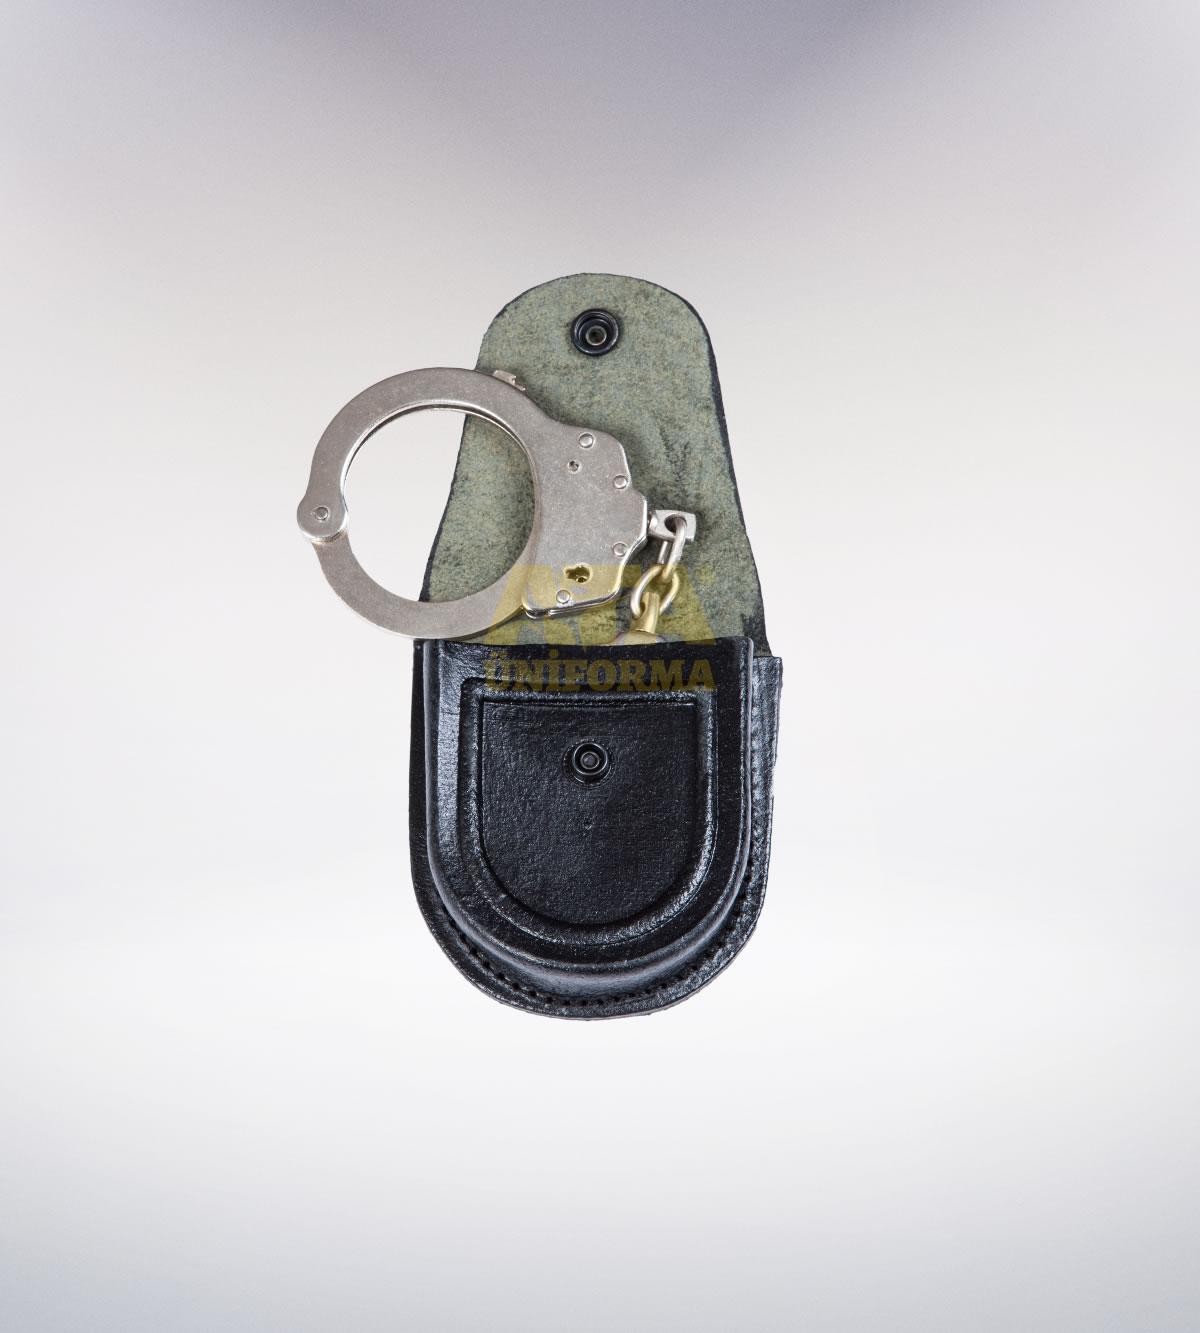 ATA-1126 Özel güvenlik deri kapalı kelepçe kılıfı - özel güvenlik elbiseleri | özel güvenlik üniformaları | özel güvenlik kıyafetleri